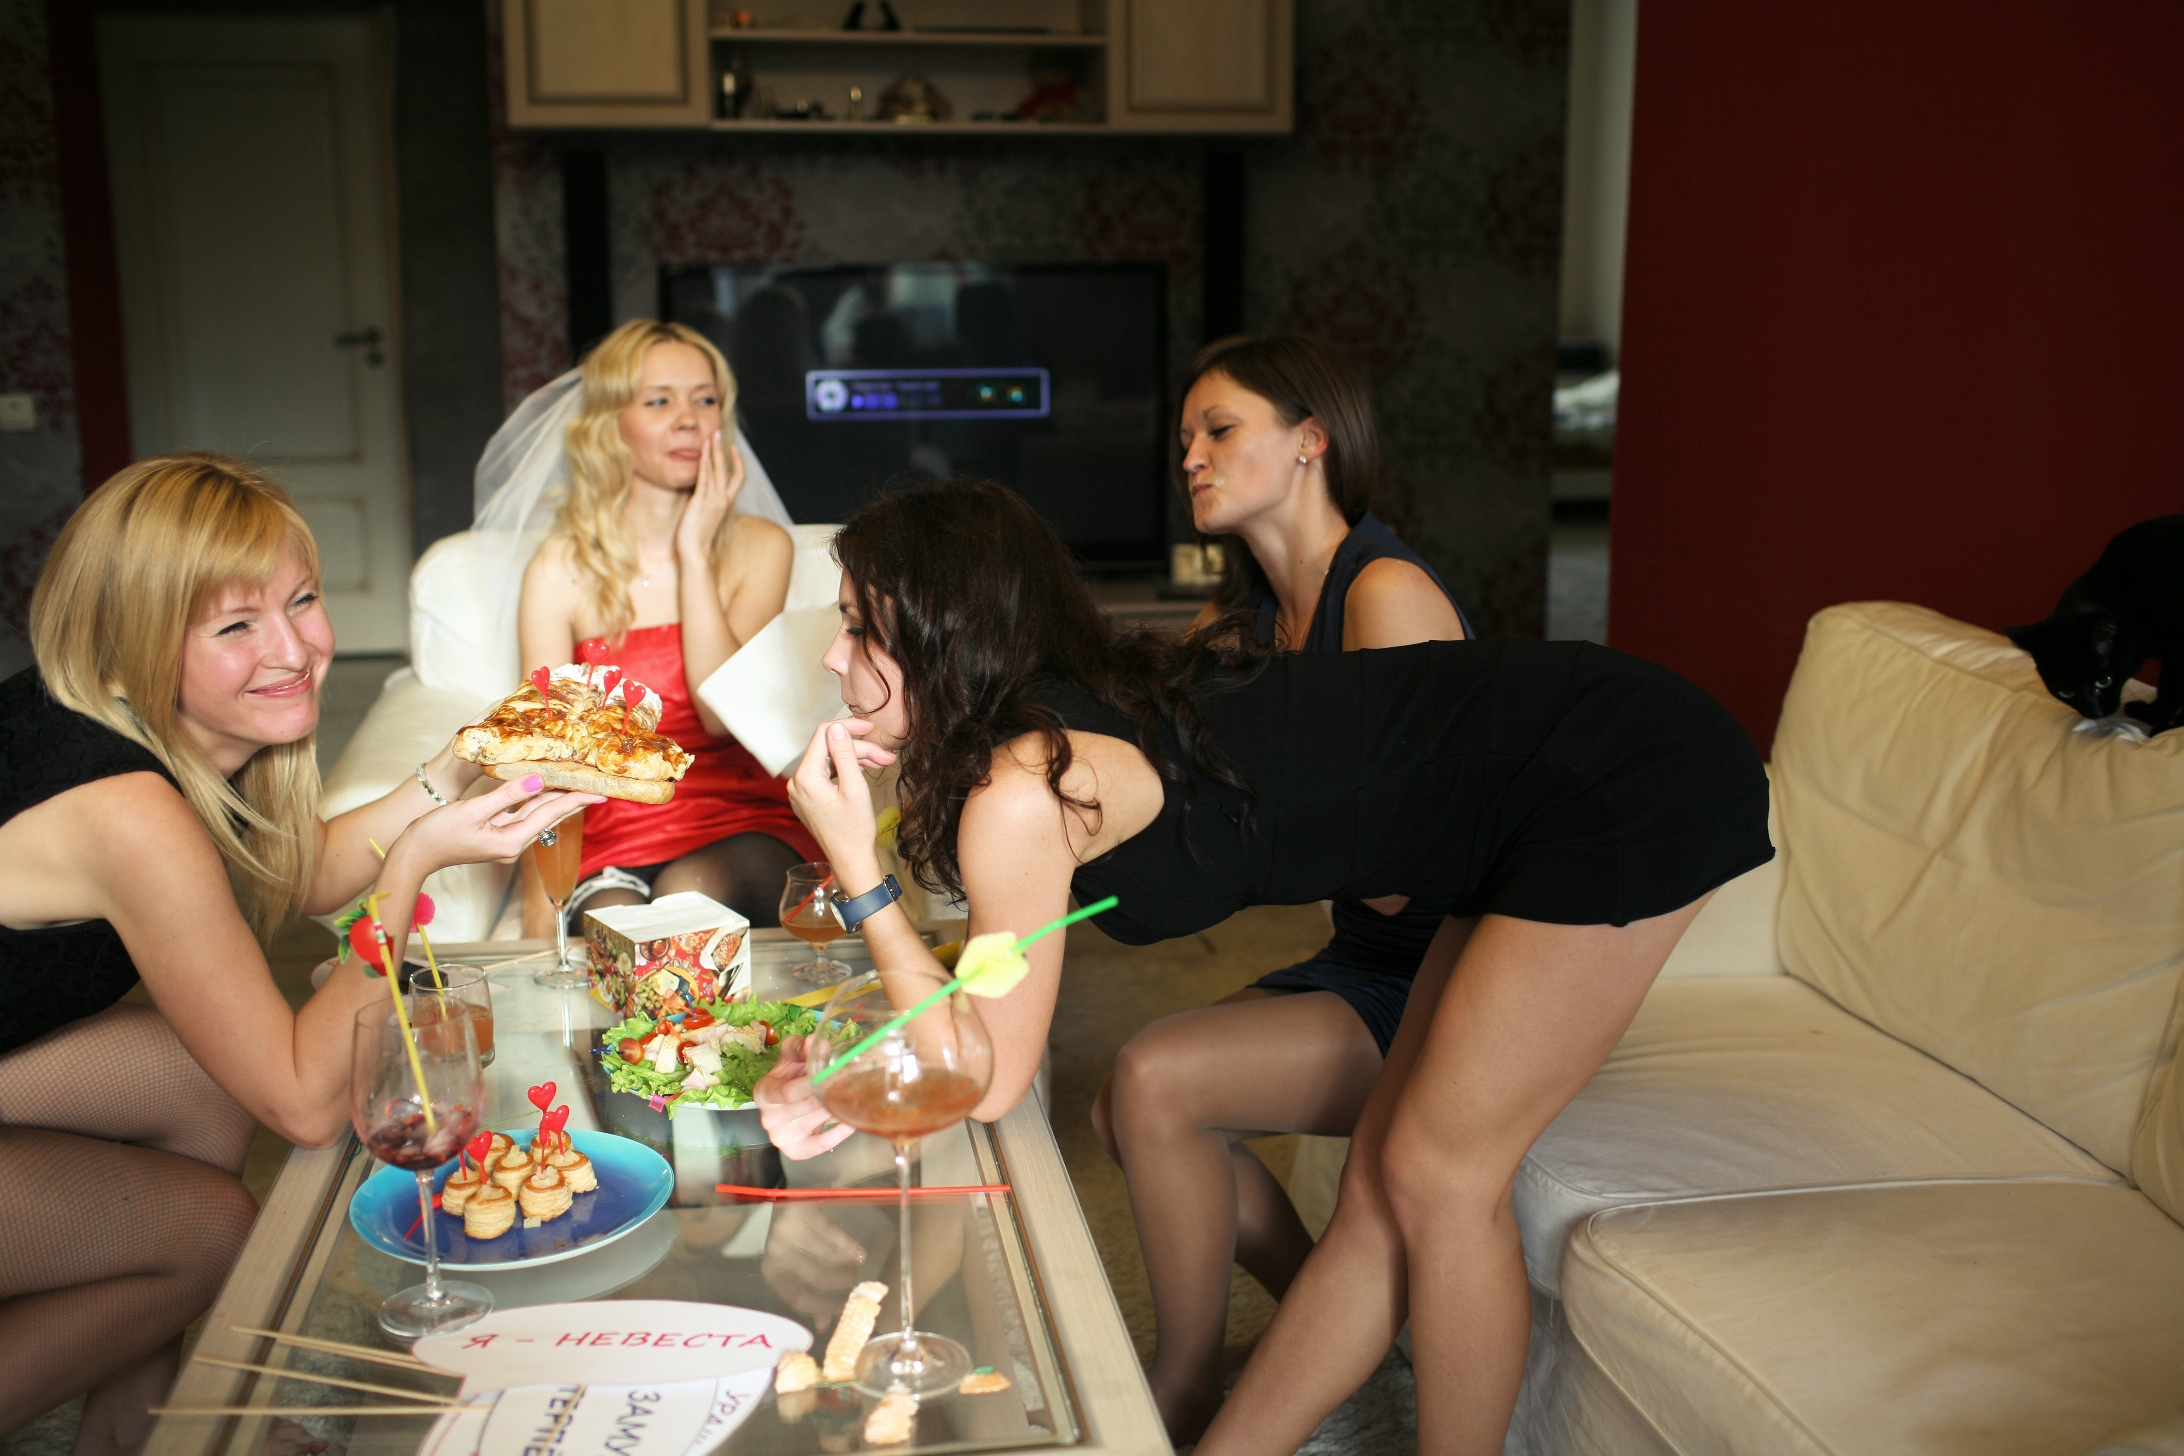 Секс вечеринках фото, Порно вечеринки, фото секс пати, порно клуб 20 фотография